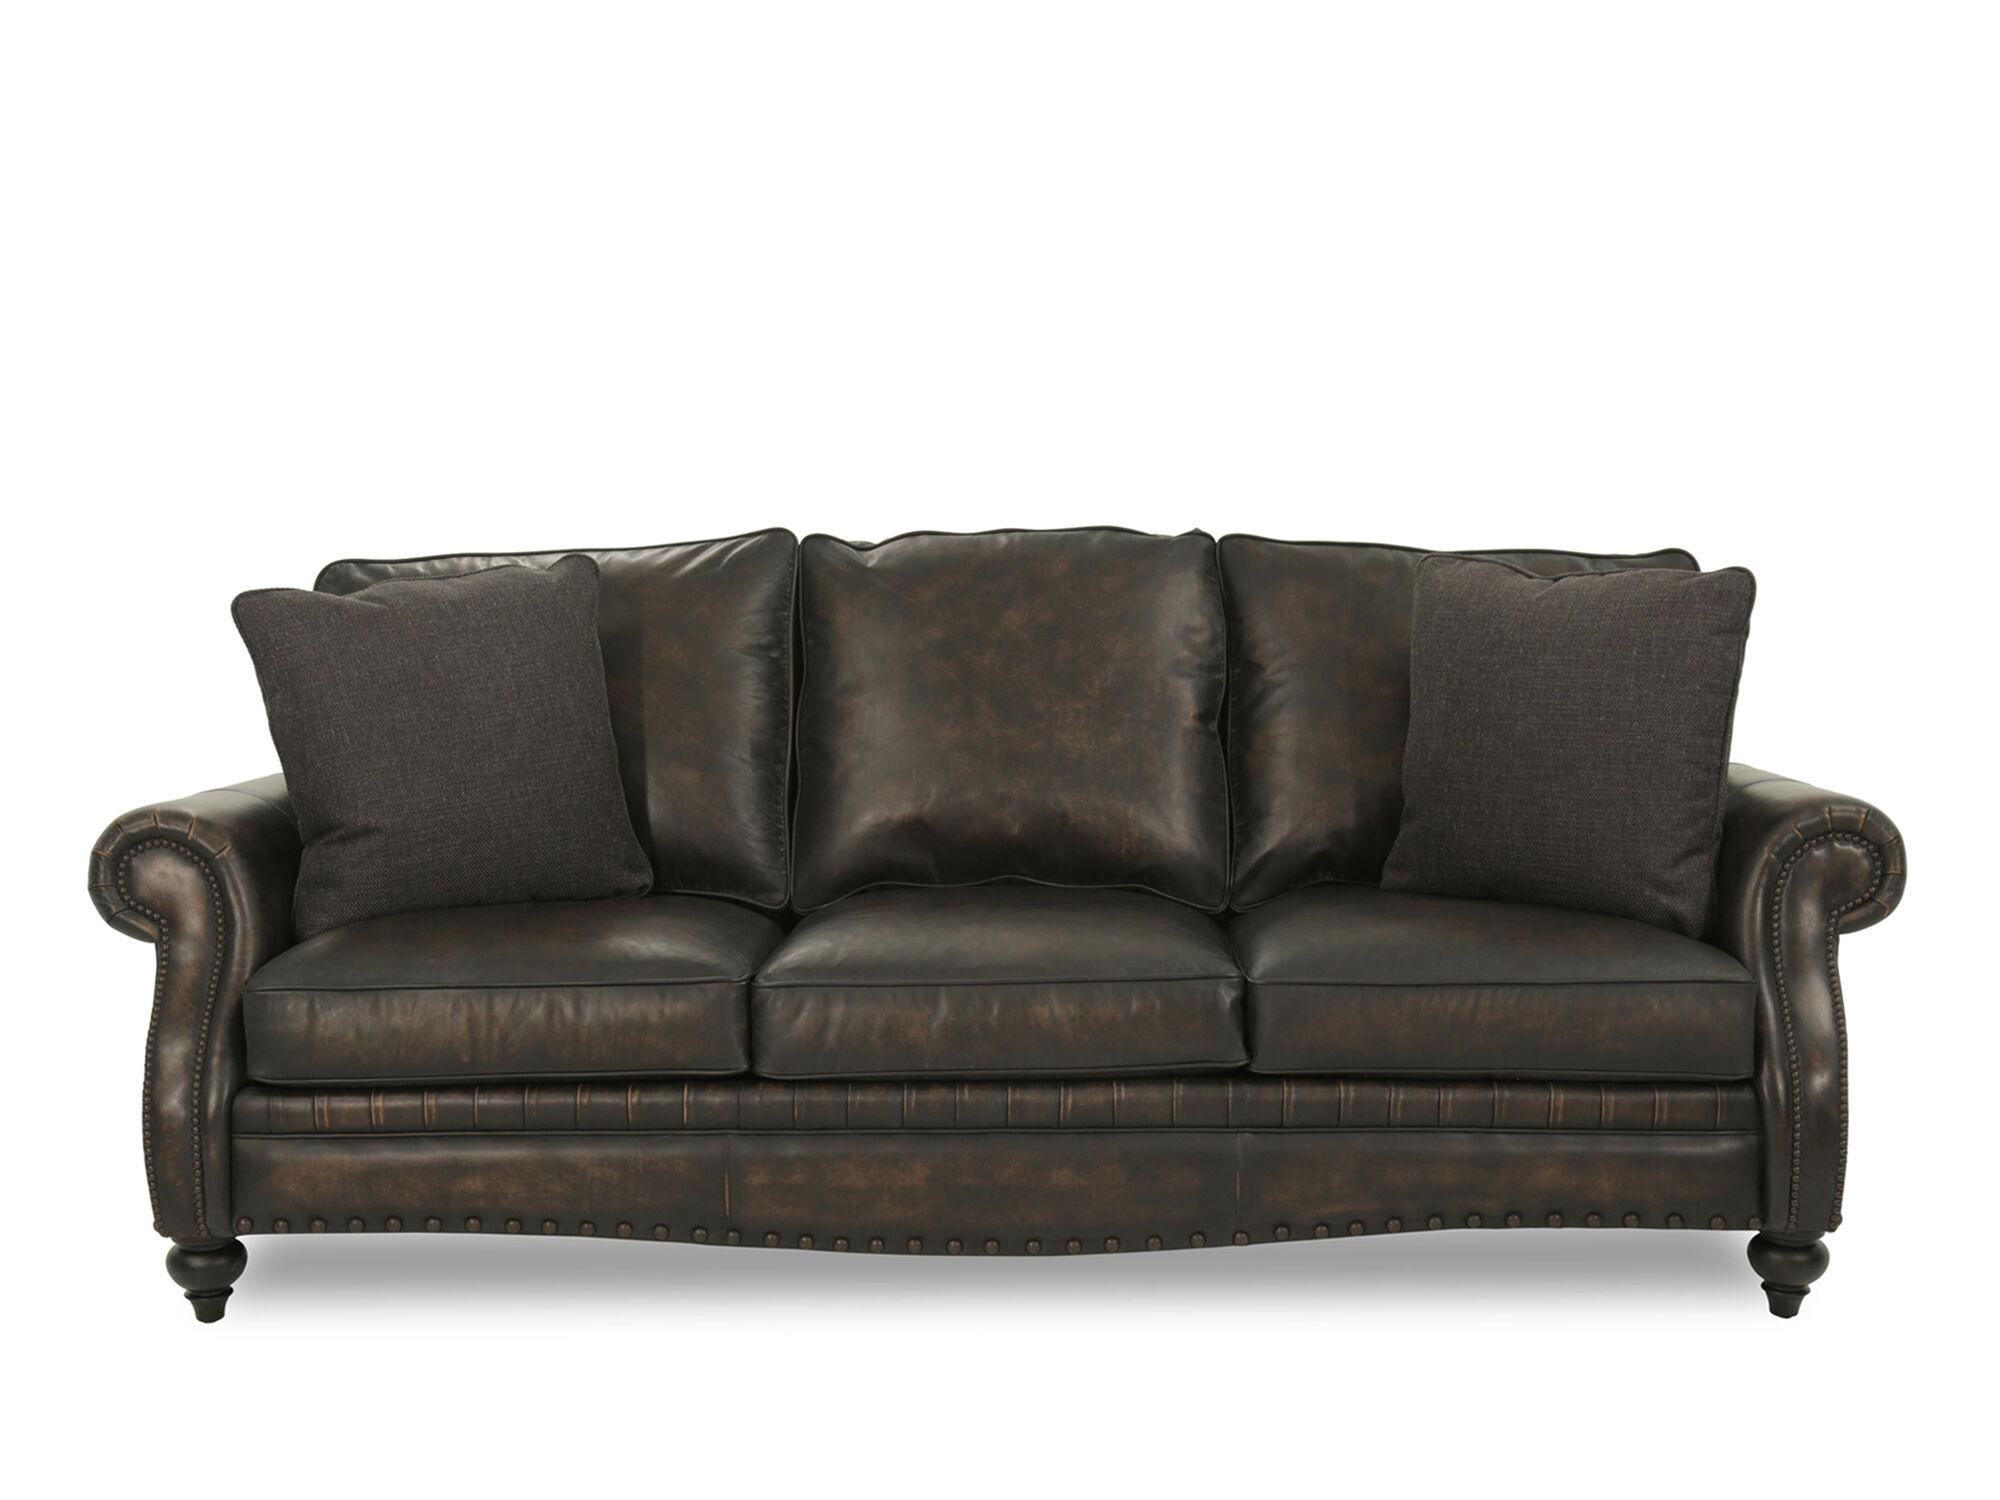 bernhardt riviera large sofa lawson costco home the honoroak